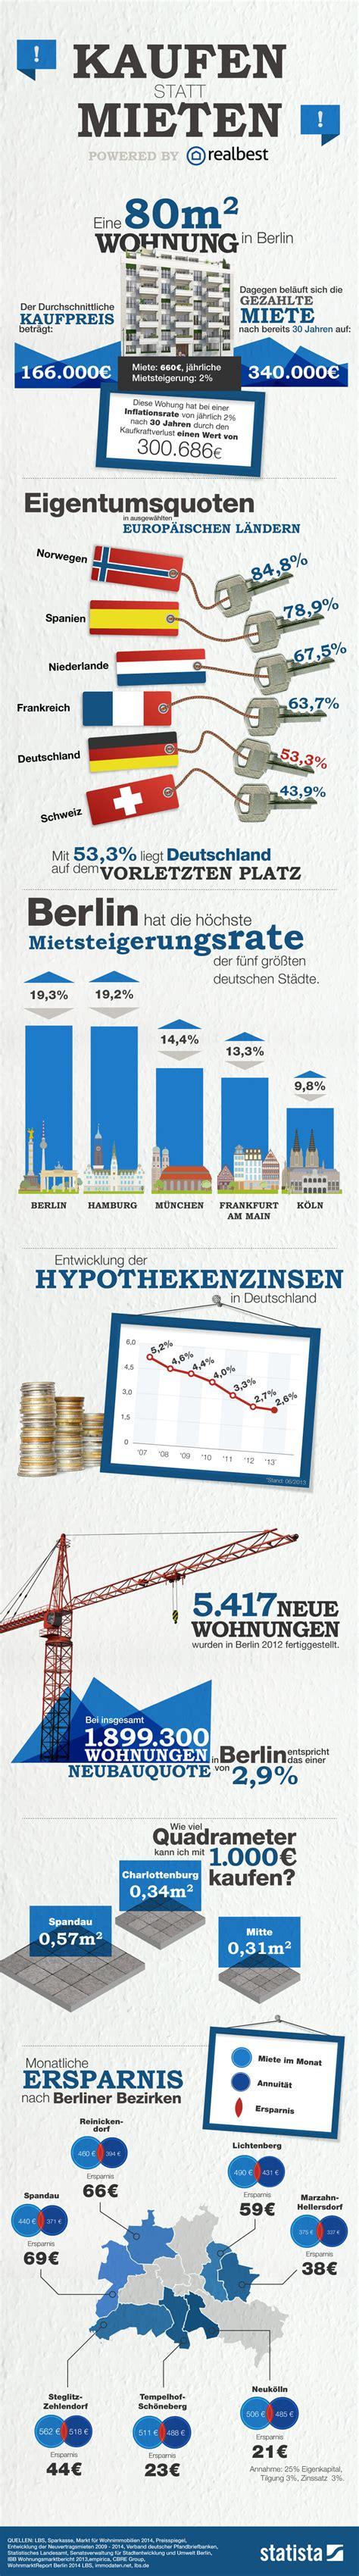 mieten statt kaufen infografik kaufen statt mieten statista